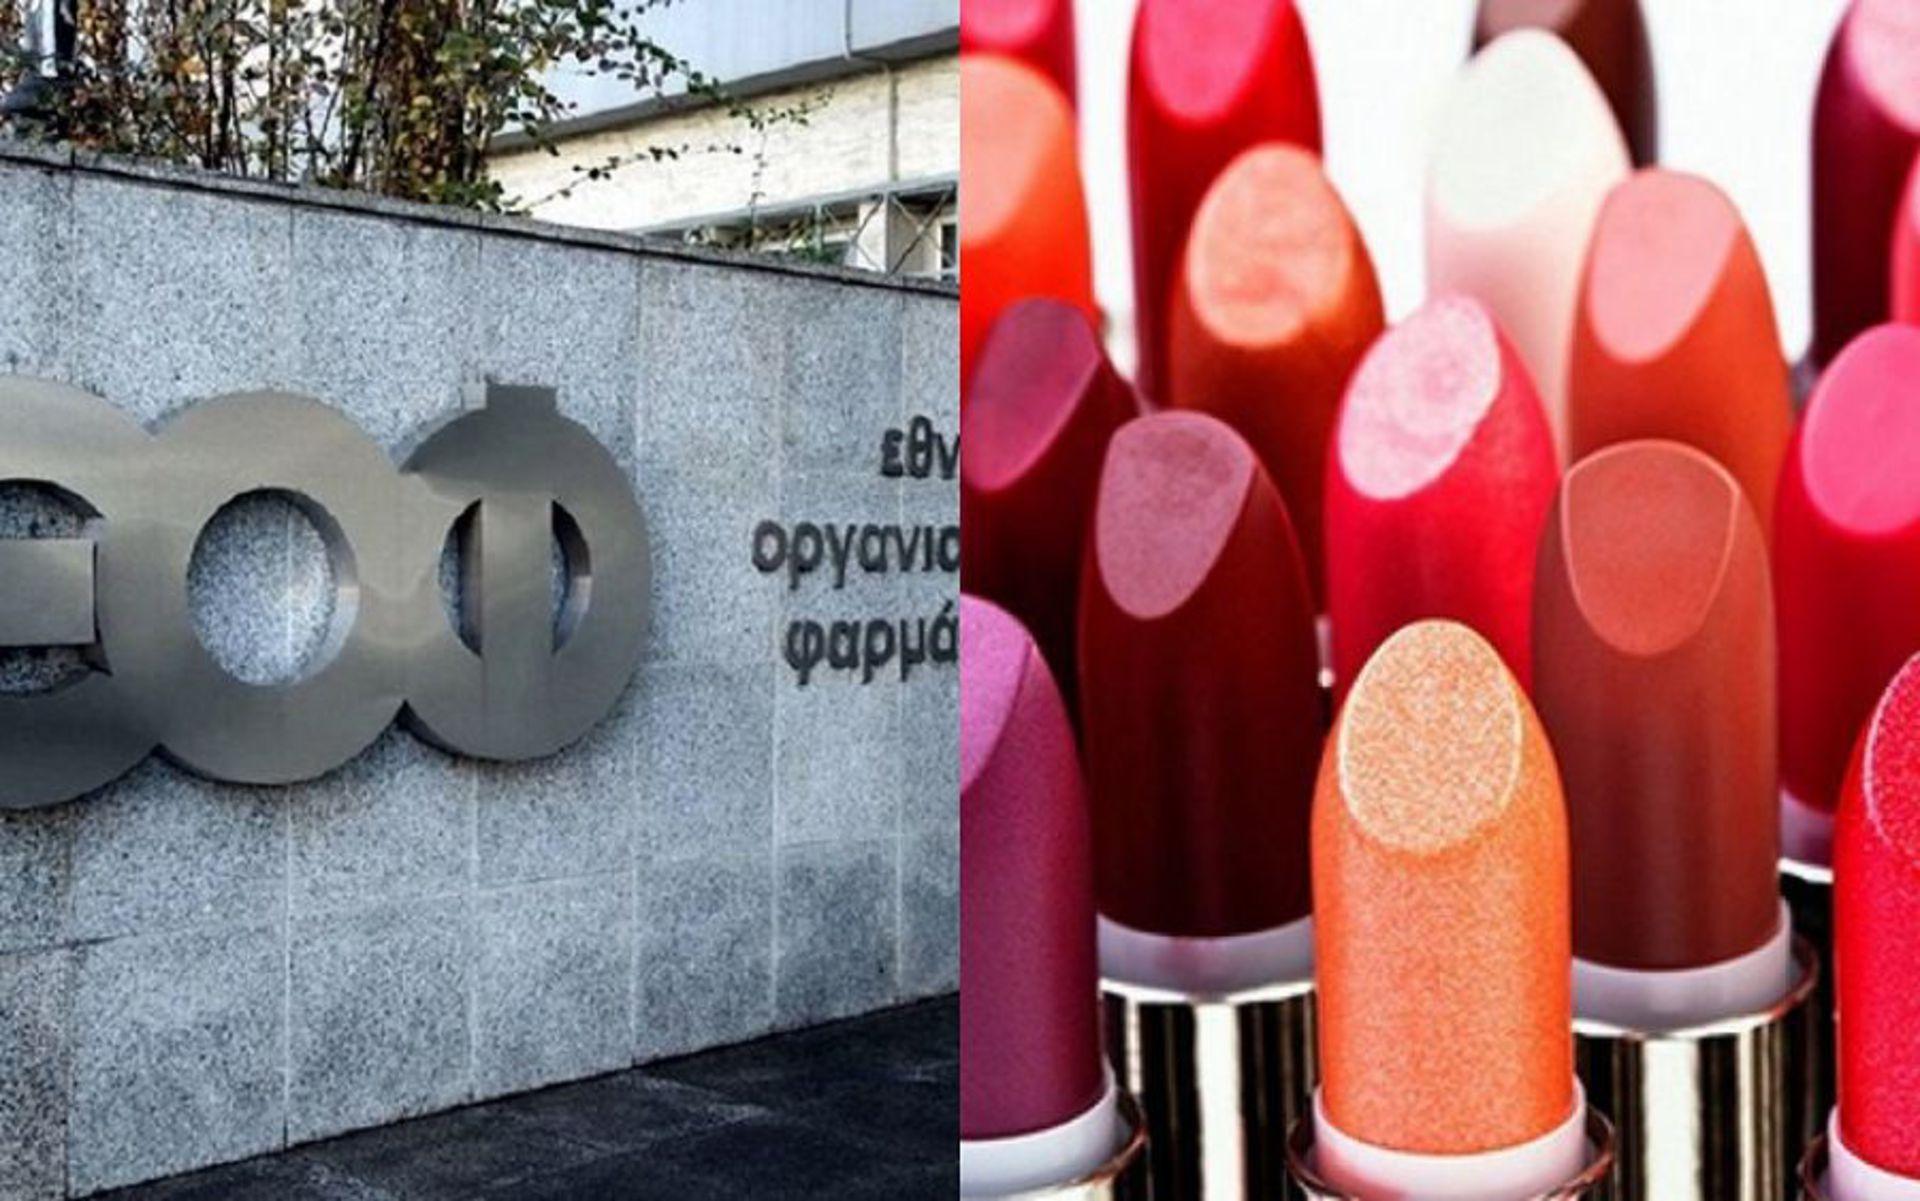 Αποτέλεσμα εικόνας για Κραγιόν Lovie Lip Booster, Collagen Microsheres VIT. E & Aloe Vera, Paraben Free, No52.